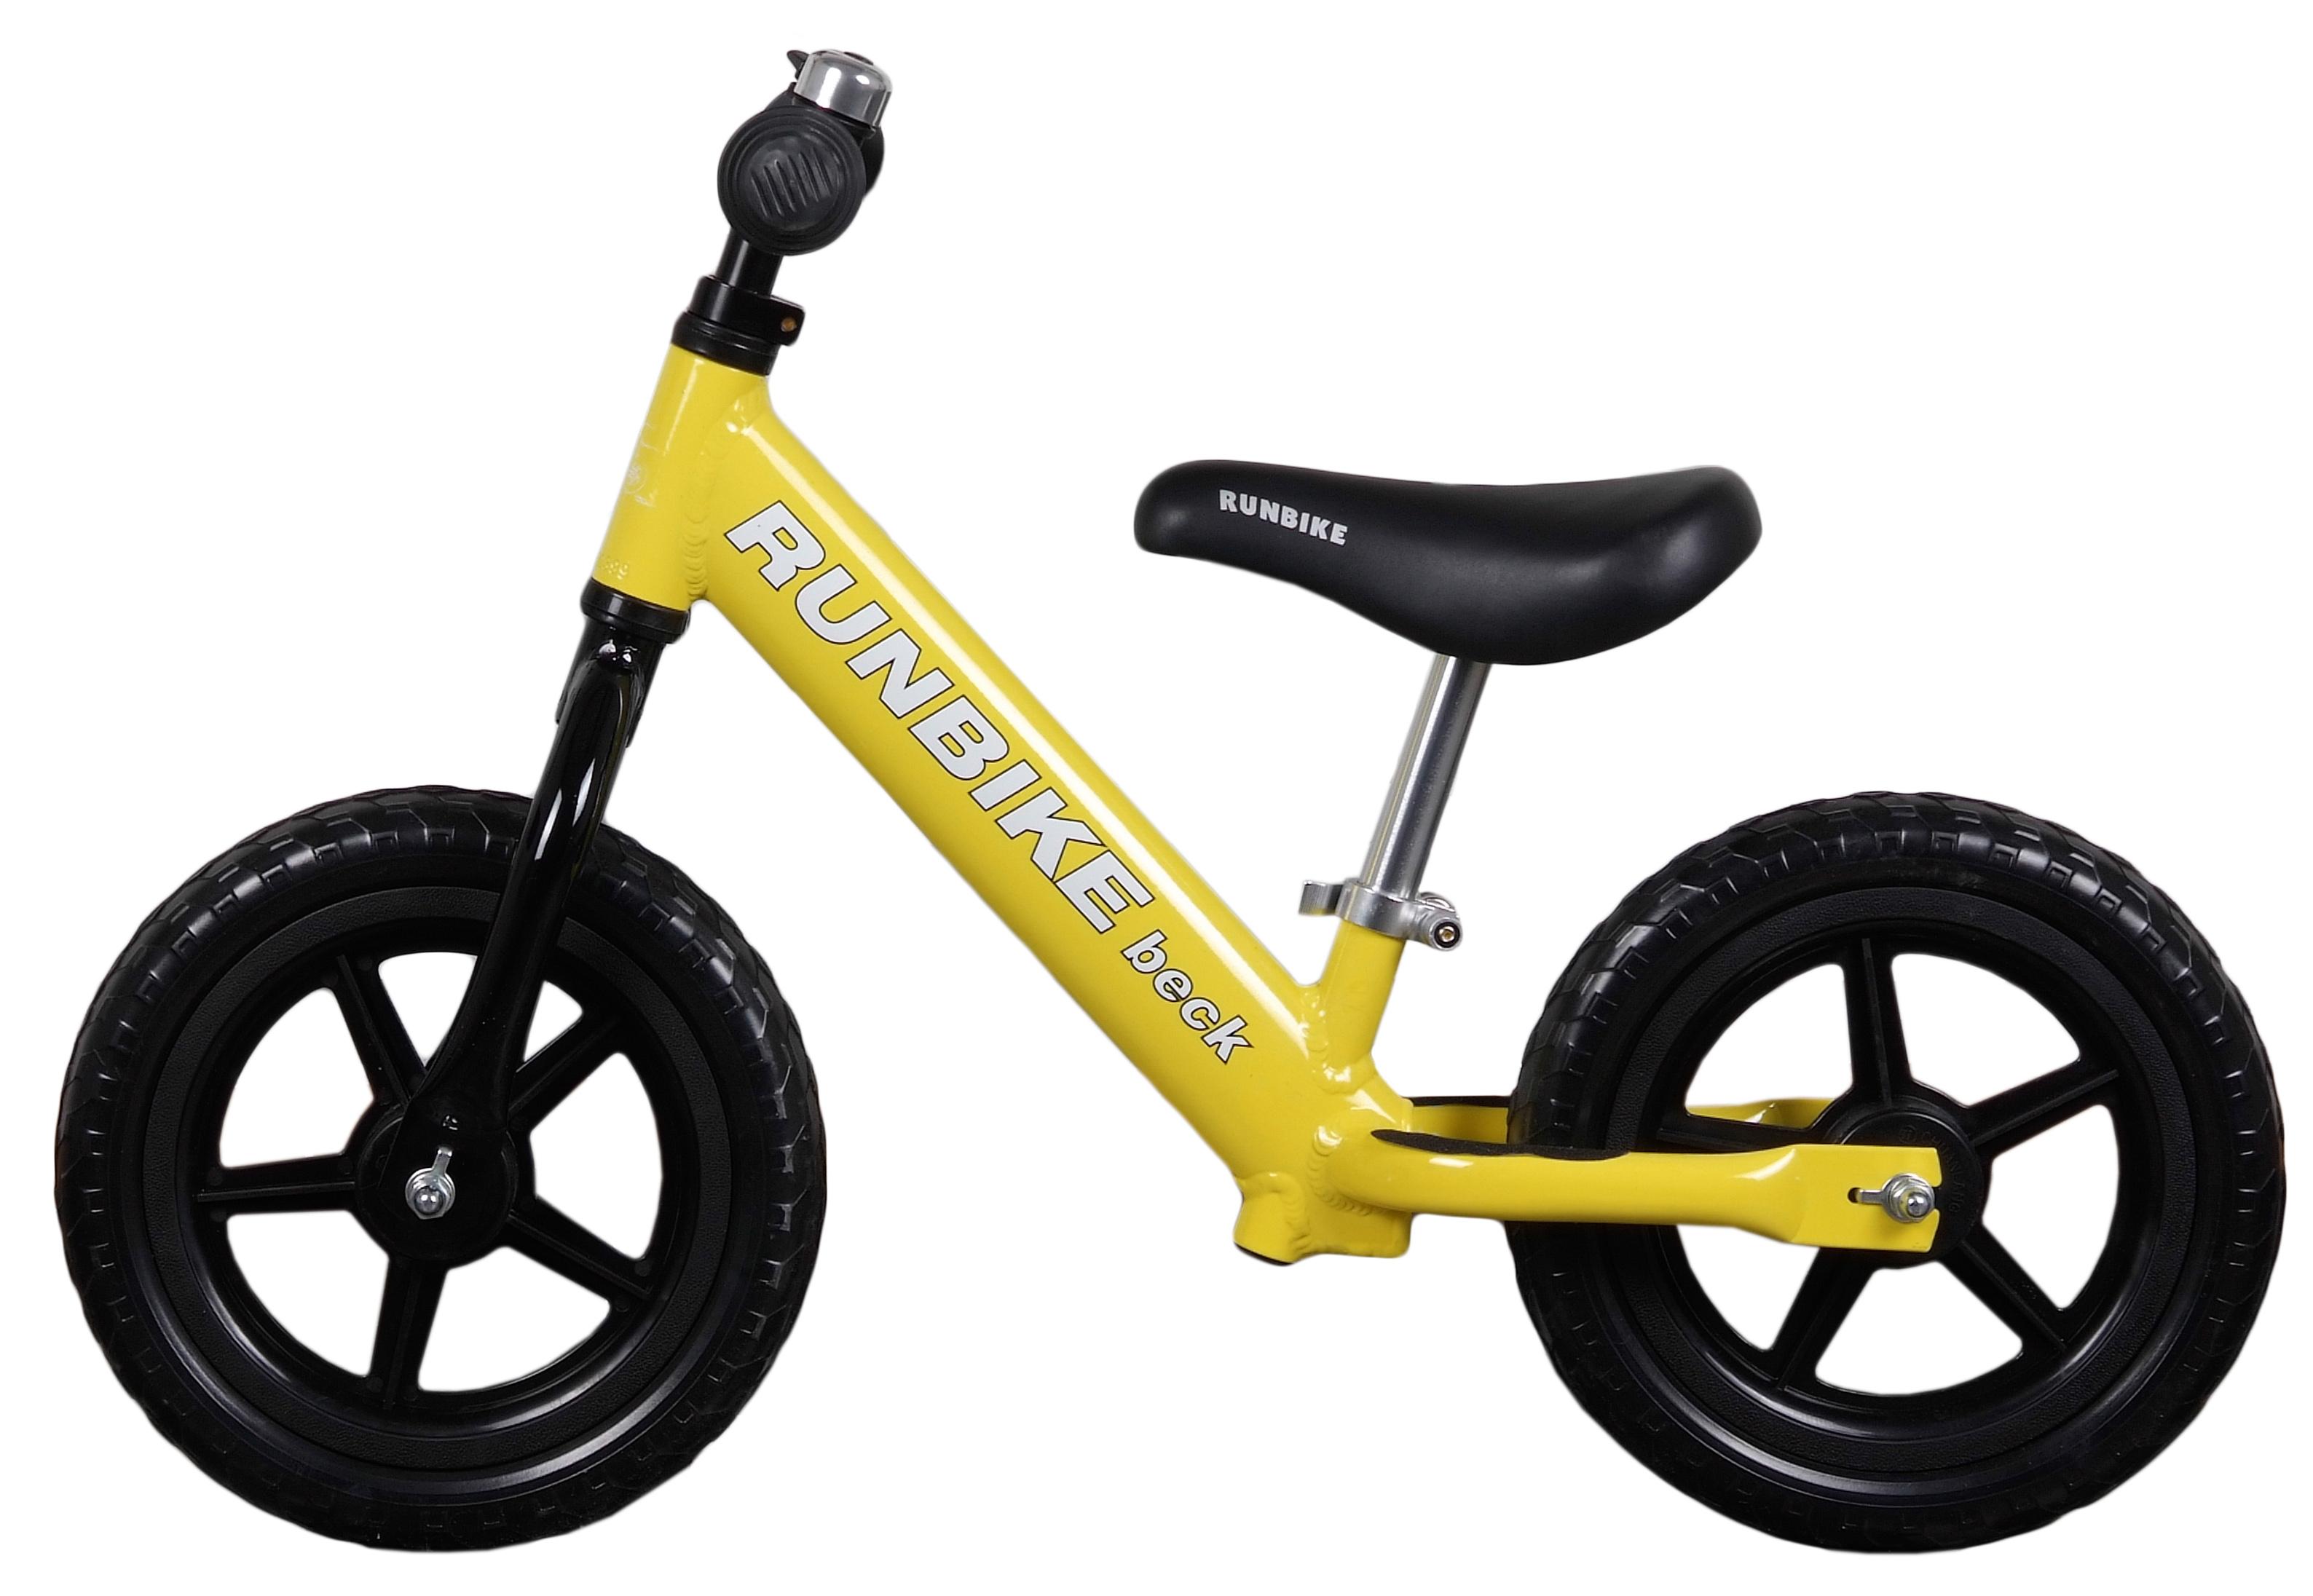 Распродажа! Суперлегкие беговелы Runbike и аксессуары к ним: седла, шлемы, колеса